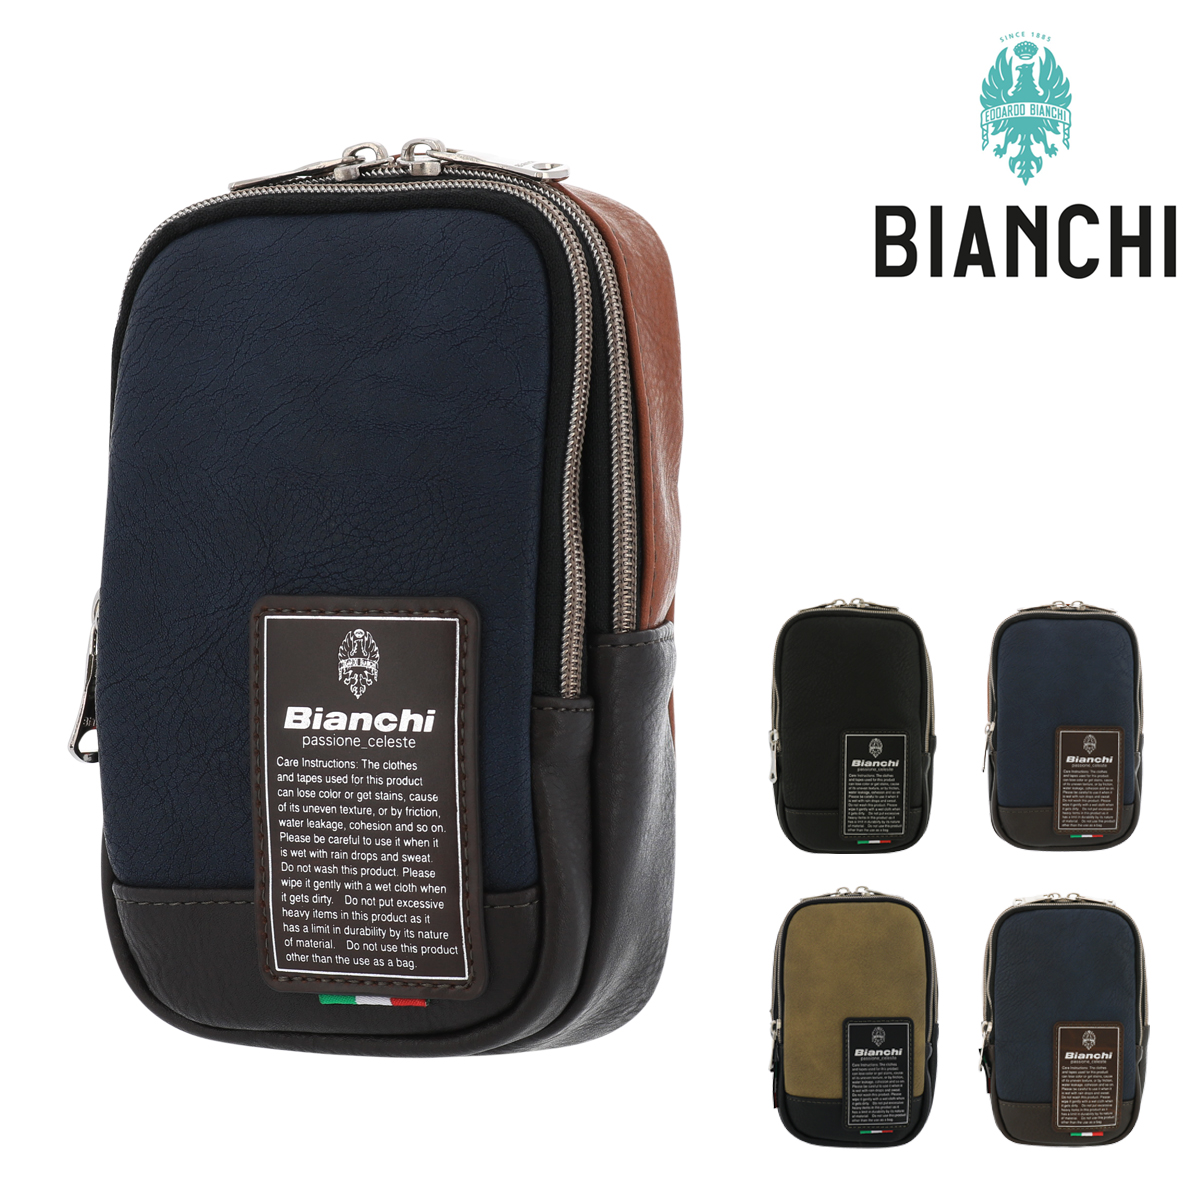 ビアンキ ショルダーバッグ マエストシータ メンズ TBPI15 Bianchi | ポーチ ケース ミニ 縦型 [PO10][bef]